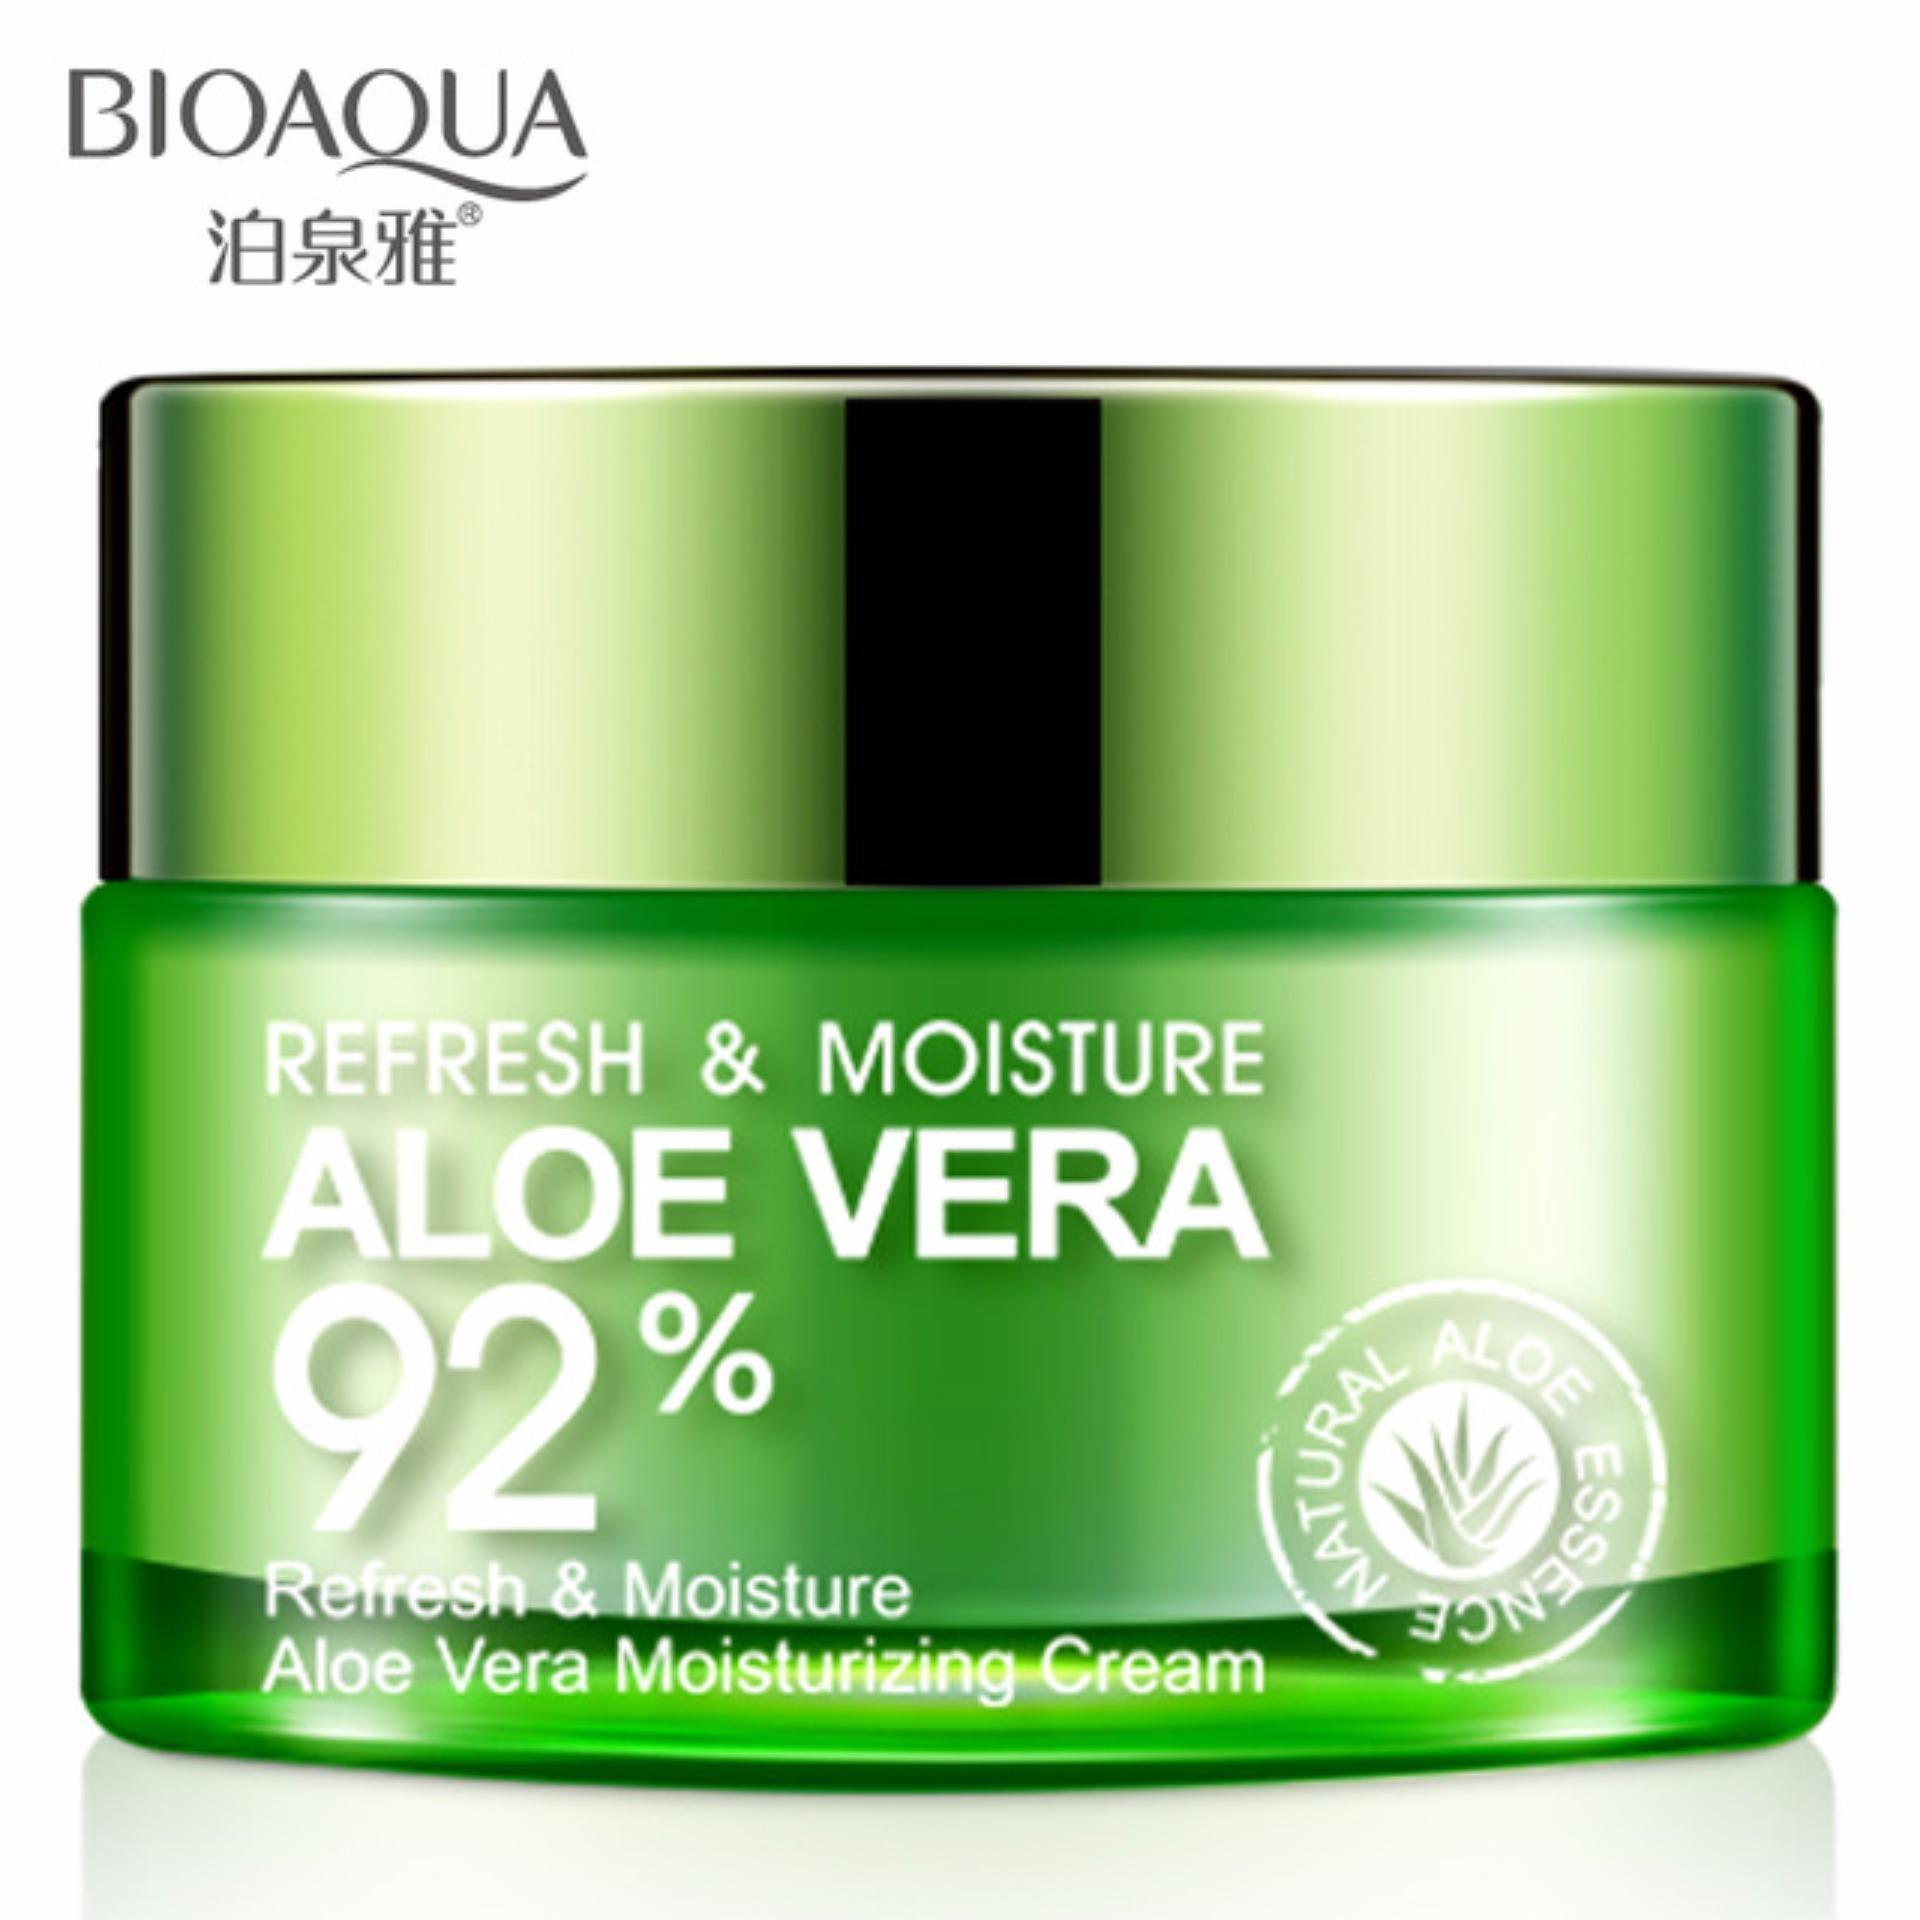 Produk Korea Paling dicari - BioAqua Original Aloe Vera 92% Serum Wajah Essence Soothing Gel